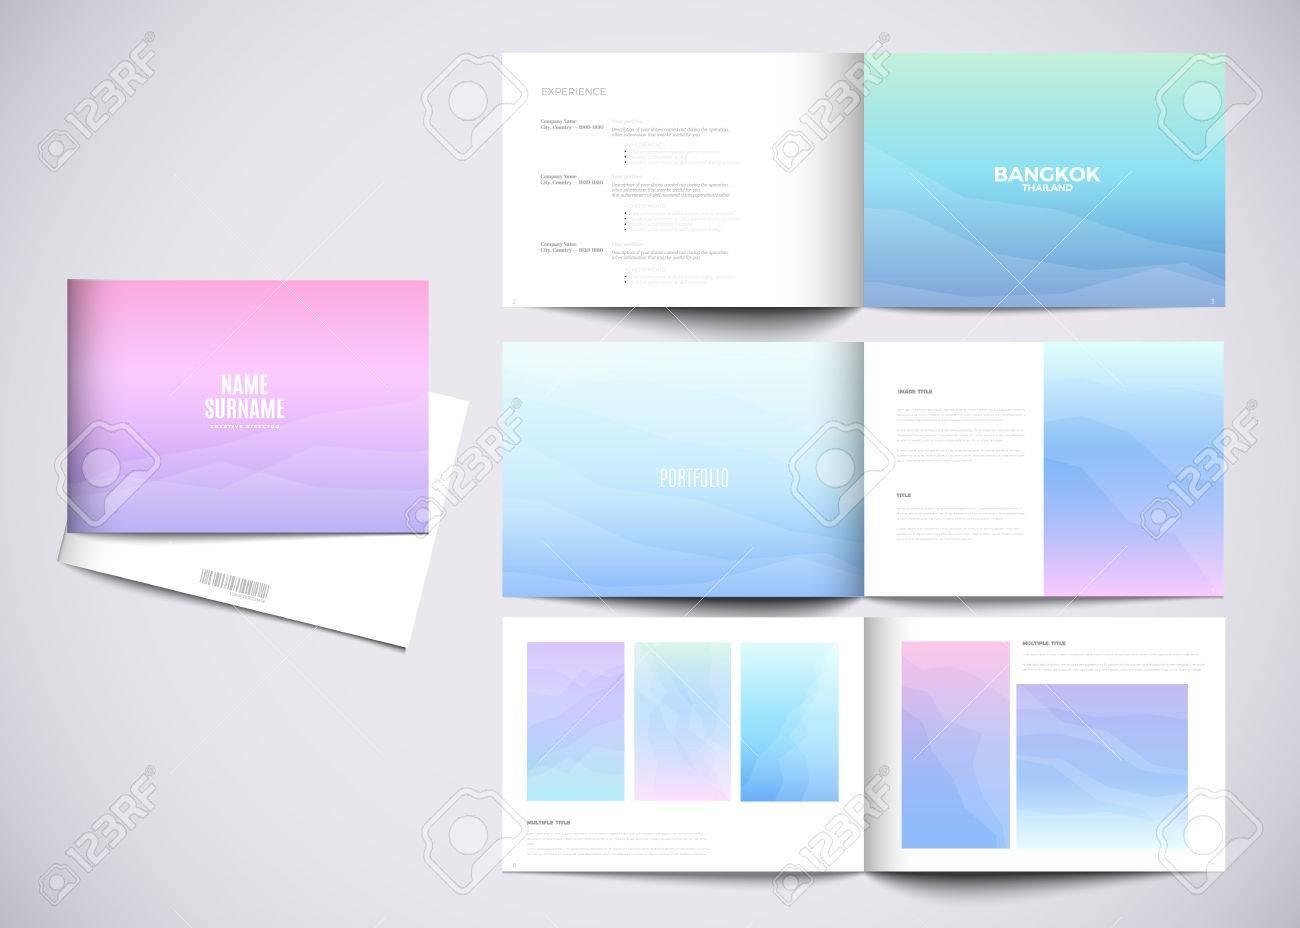 Atemberaubend Graphic Design Vorschlag Vorlage Fotos - Bilder für ...